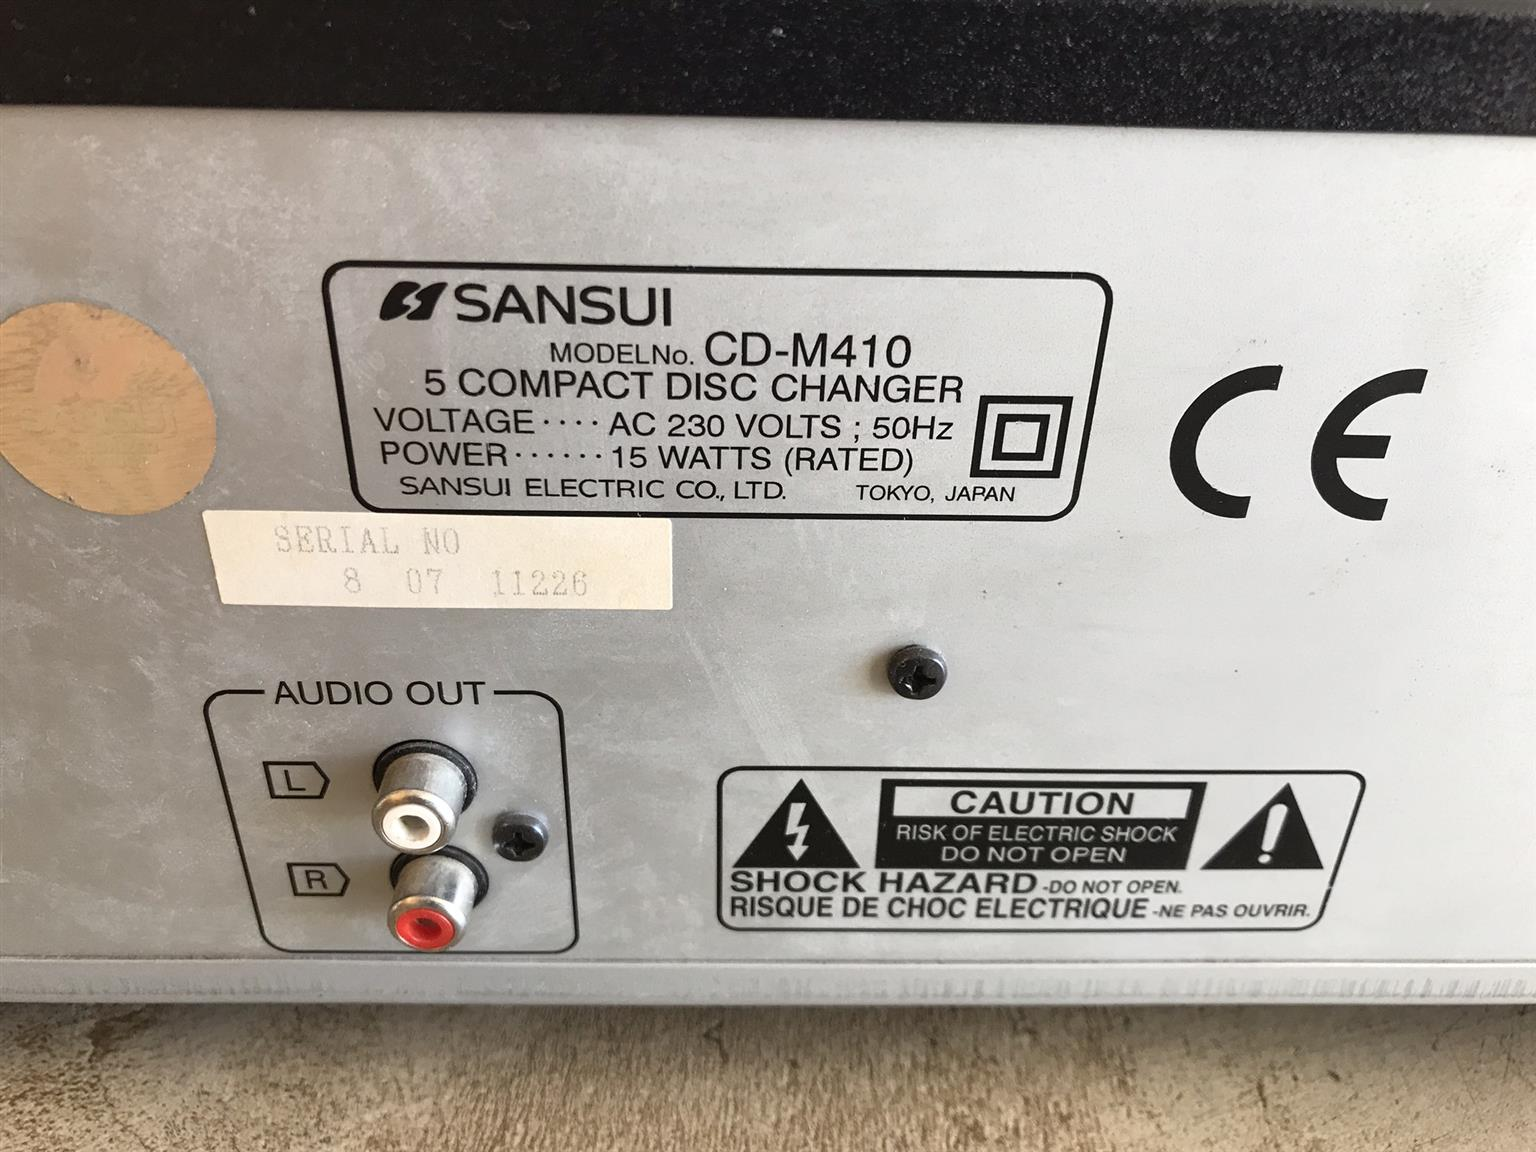 Sansui 5 Compact Disc Changer